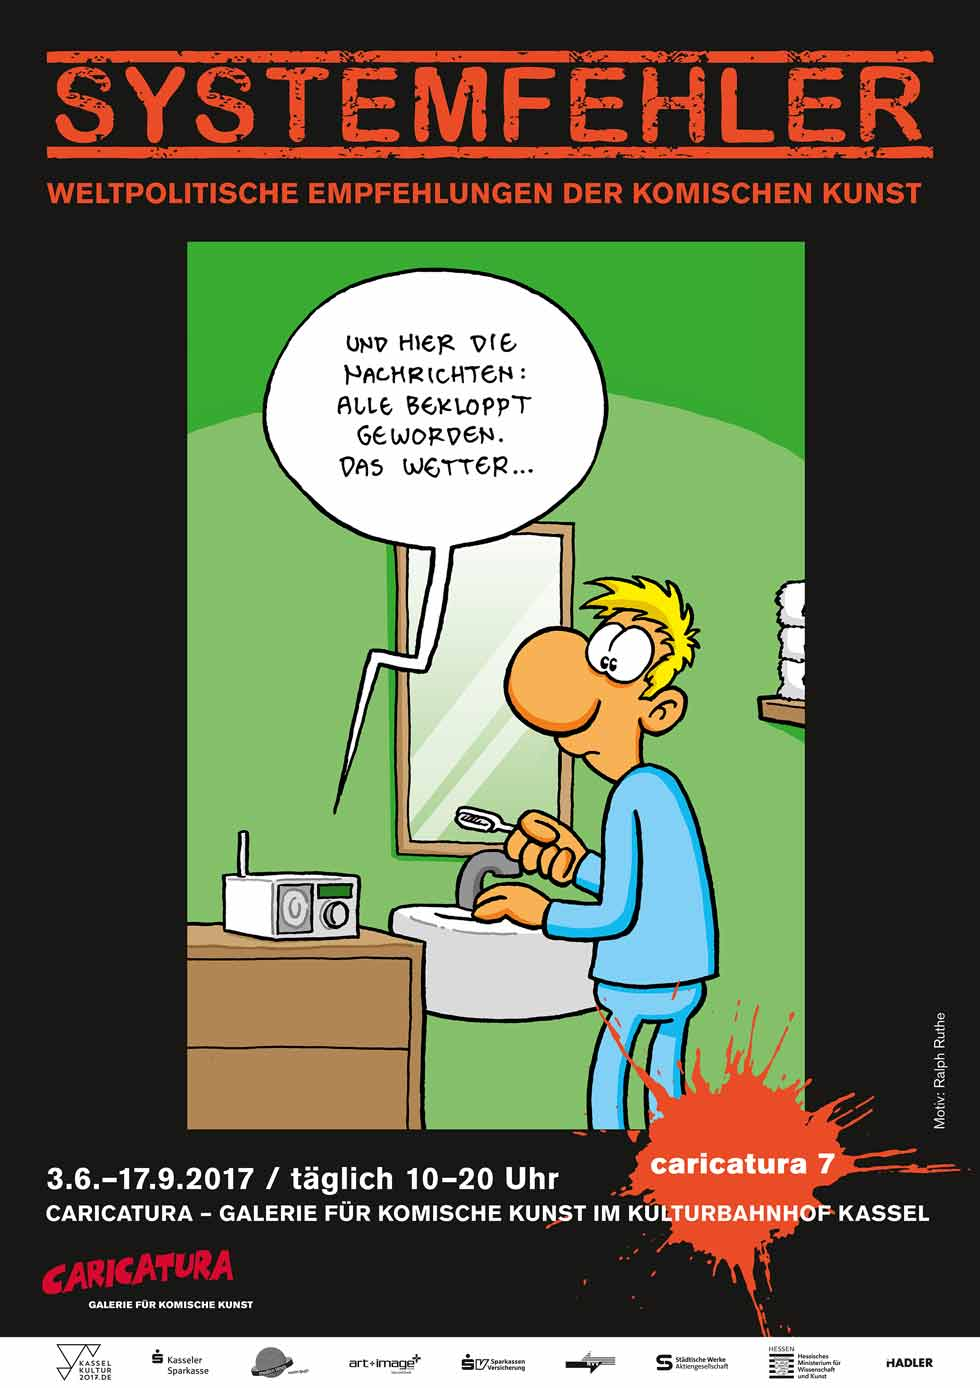 Systemfehler – die Caricatura 7 in Kassel hat, was der documenta 14 fehlt